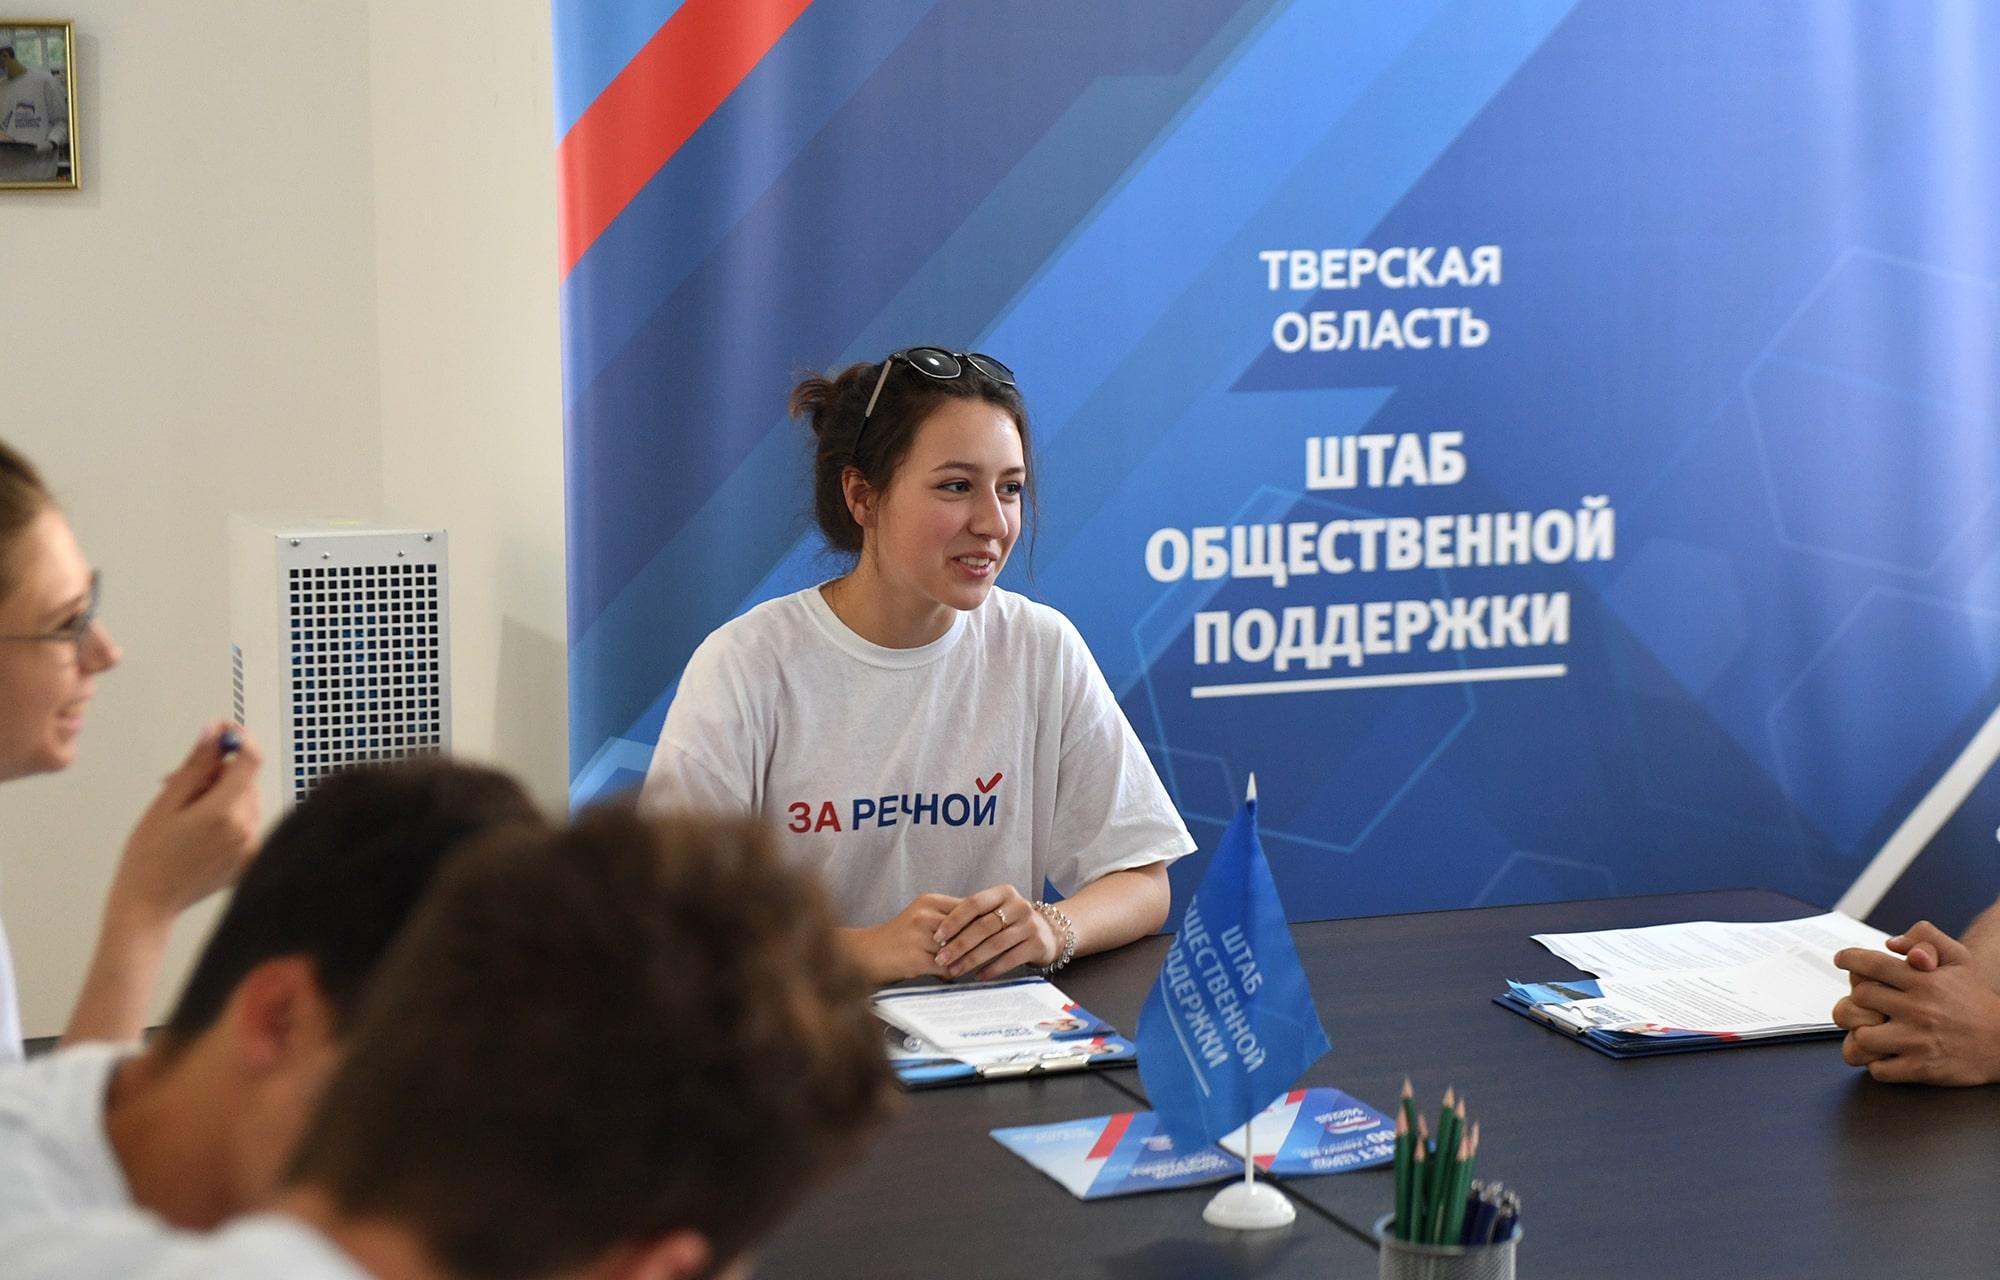 Игорь Руденя принял участие в открытии регионального Штаба общественной поддержки «Единой России»